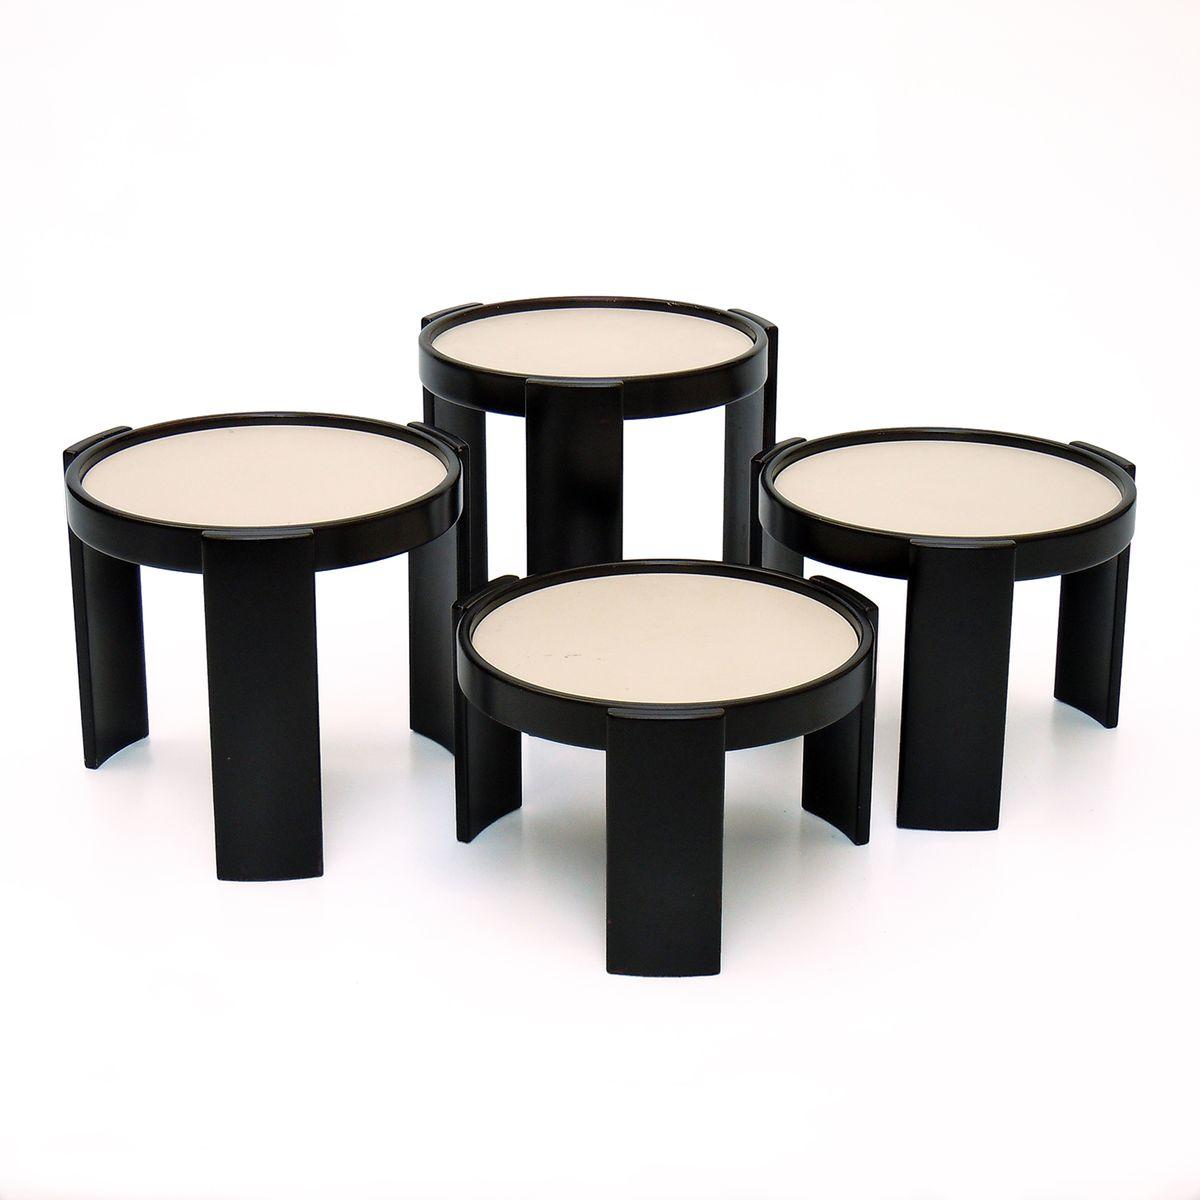 runde mid century beistelltische von gianfranco frattini. Black Bedroom Furniture Sets. Home Design Ideas